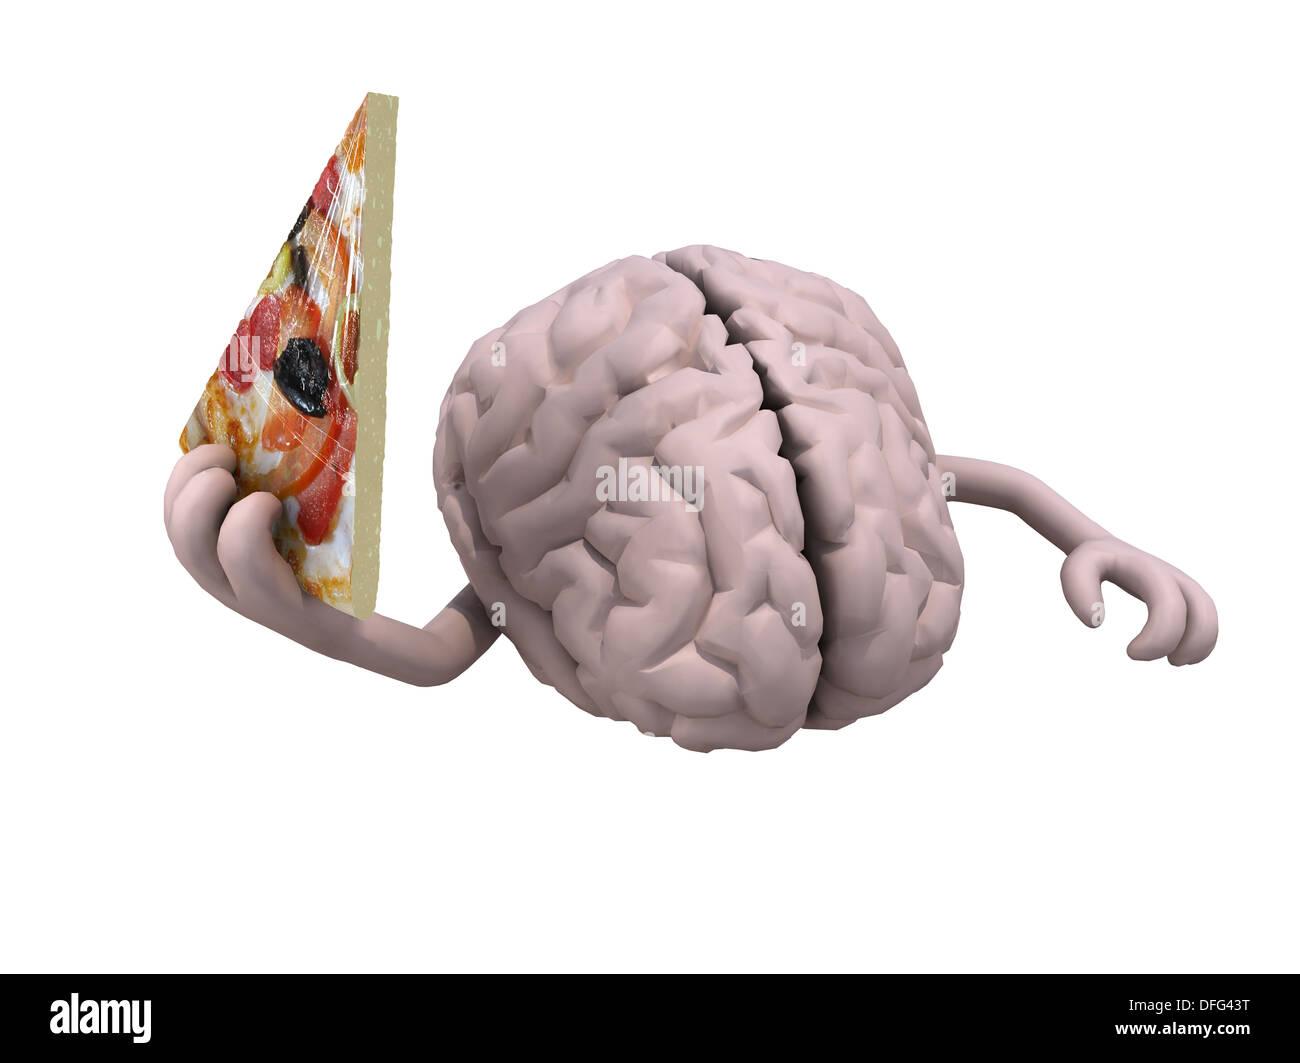 Ziemlich Menschliche Anatomie Bücher Für Kinder Zeitgenössisch ...